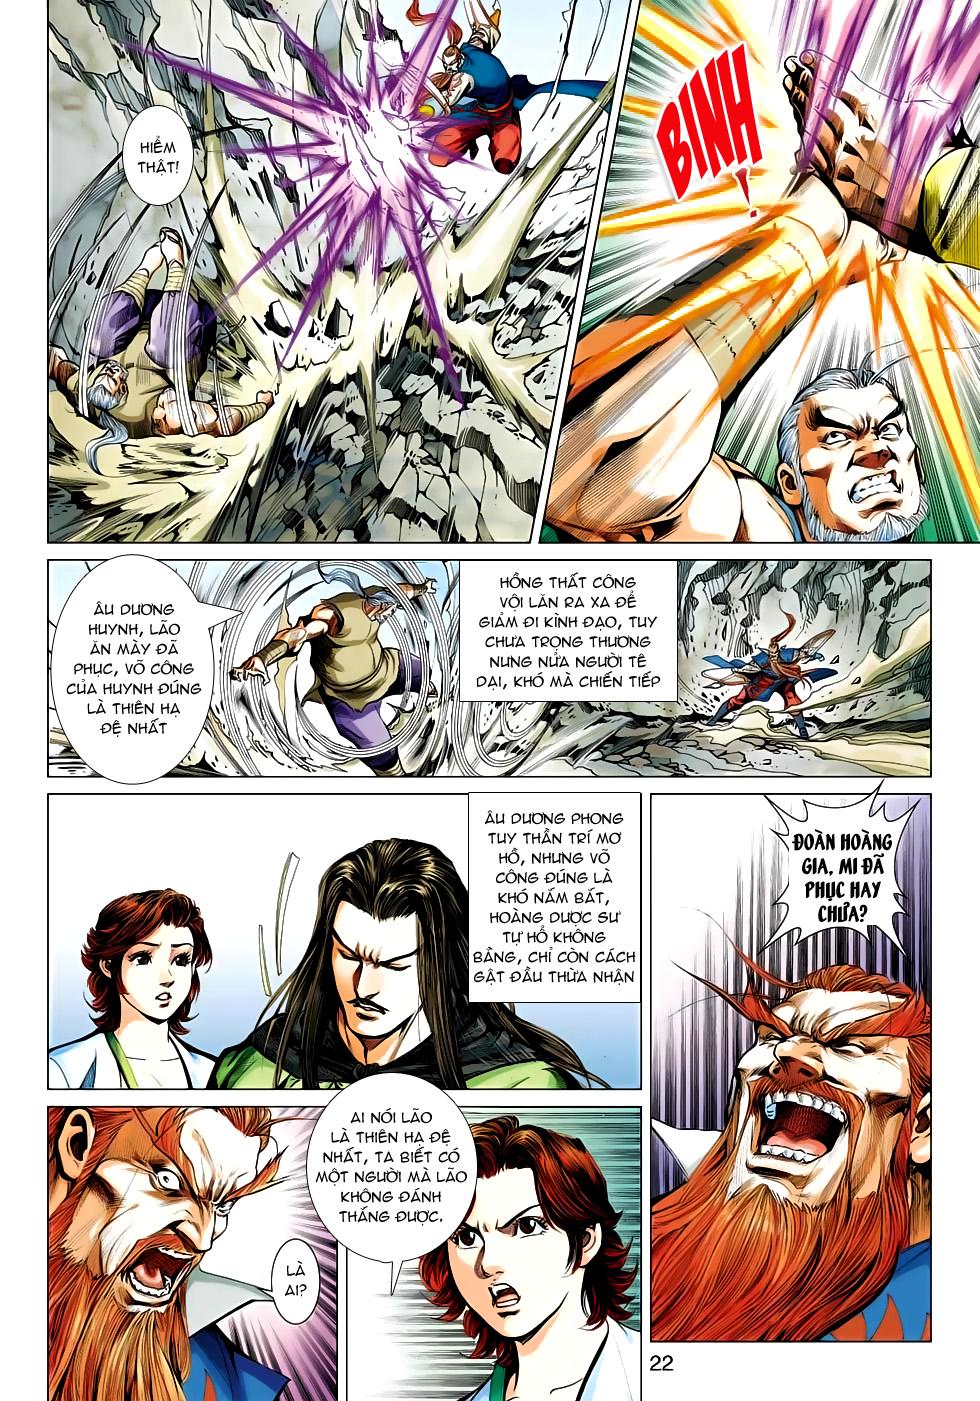 Xạ Điêu Anh Hùng Truyện chap 100 – End Trang 22 - Mangak.info